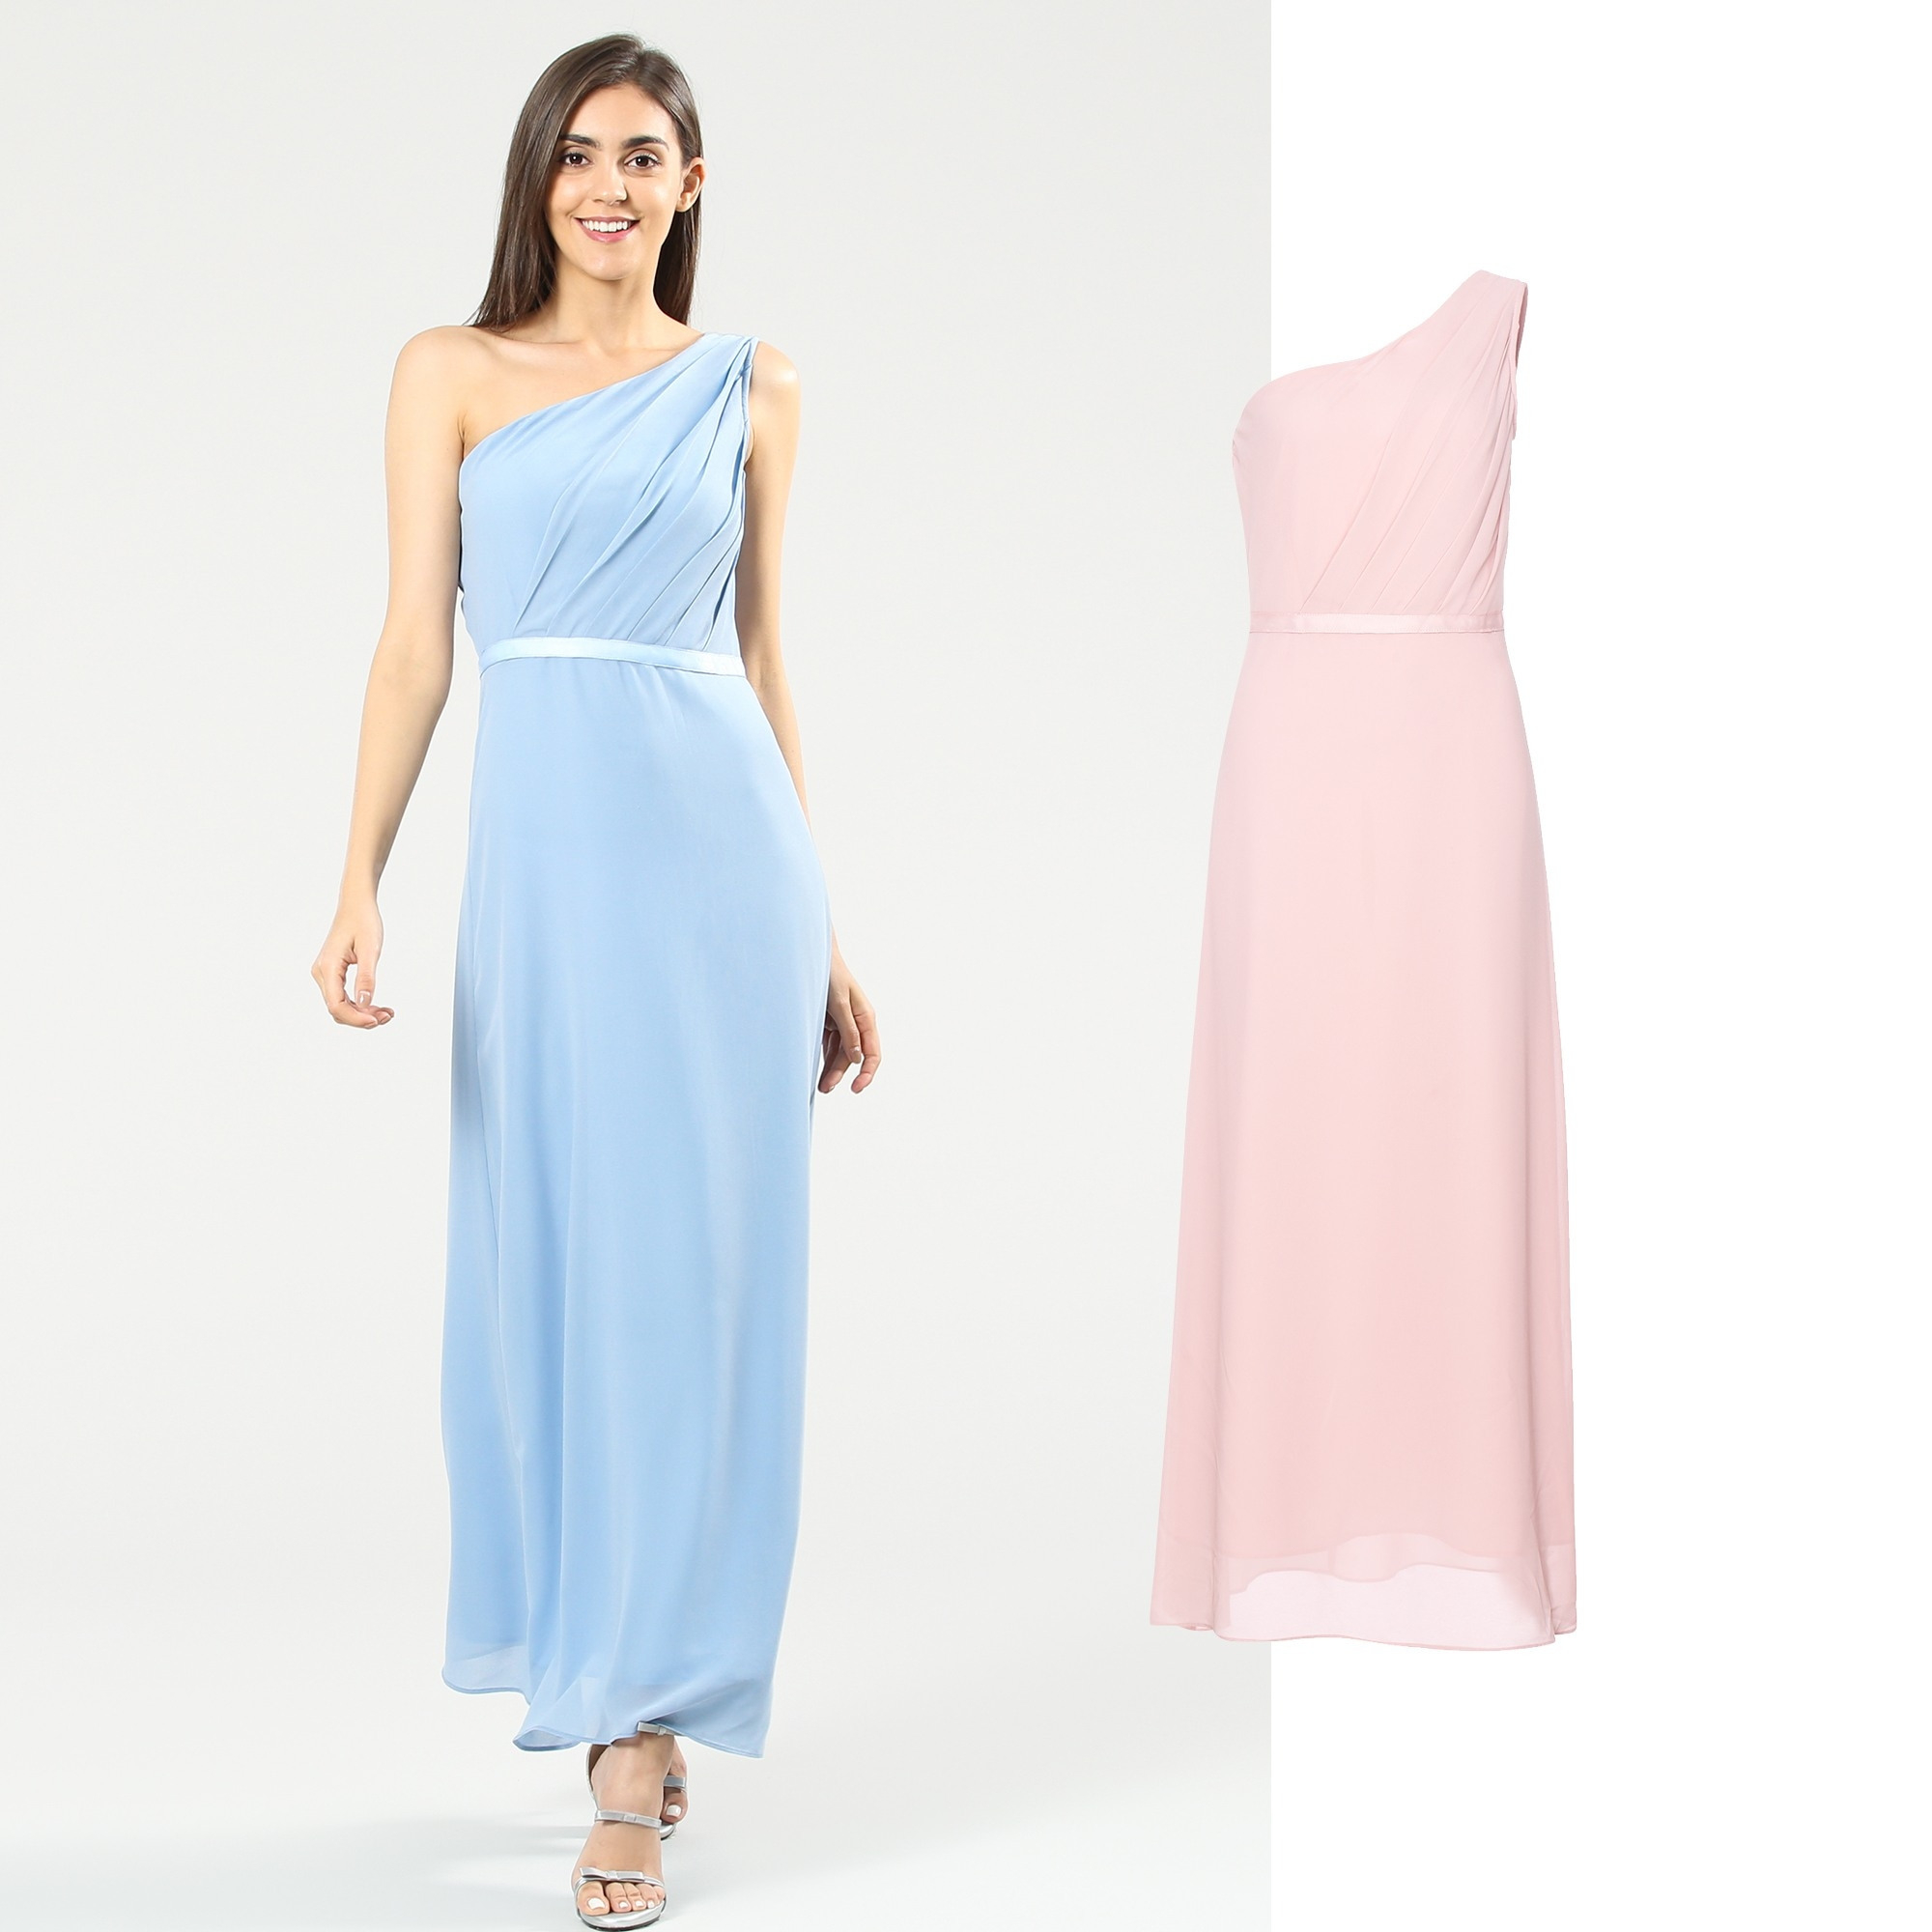 einfach kleider für hochzeit günstig kaufen stylish